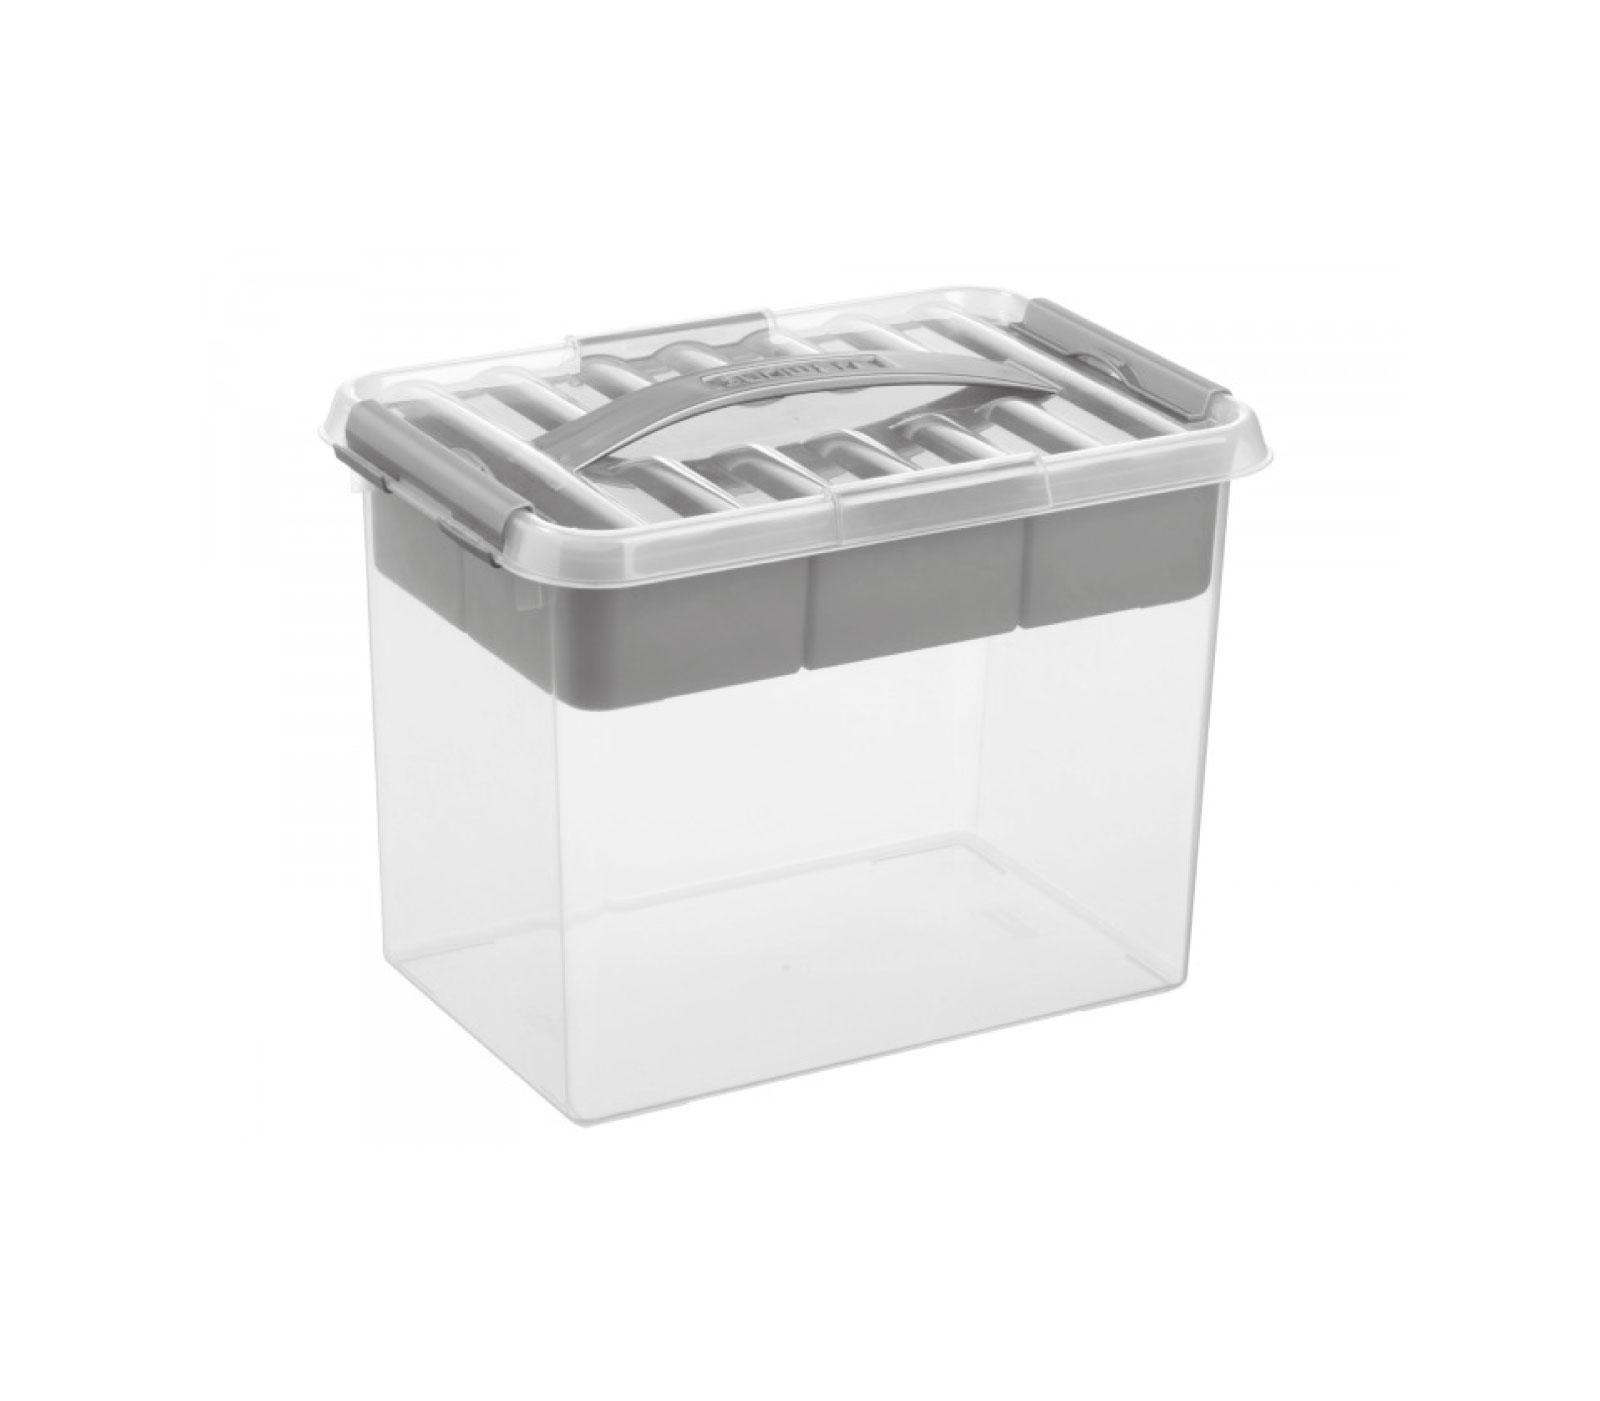 Sunware Q-line Multibox Medium